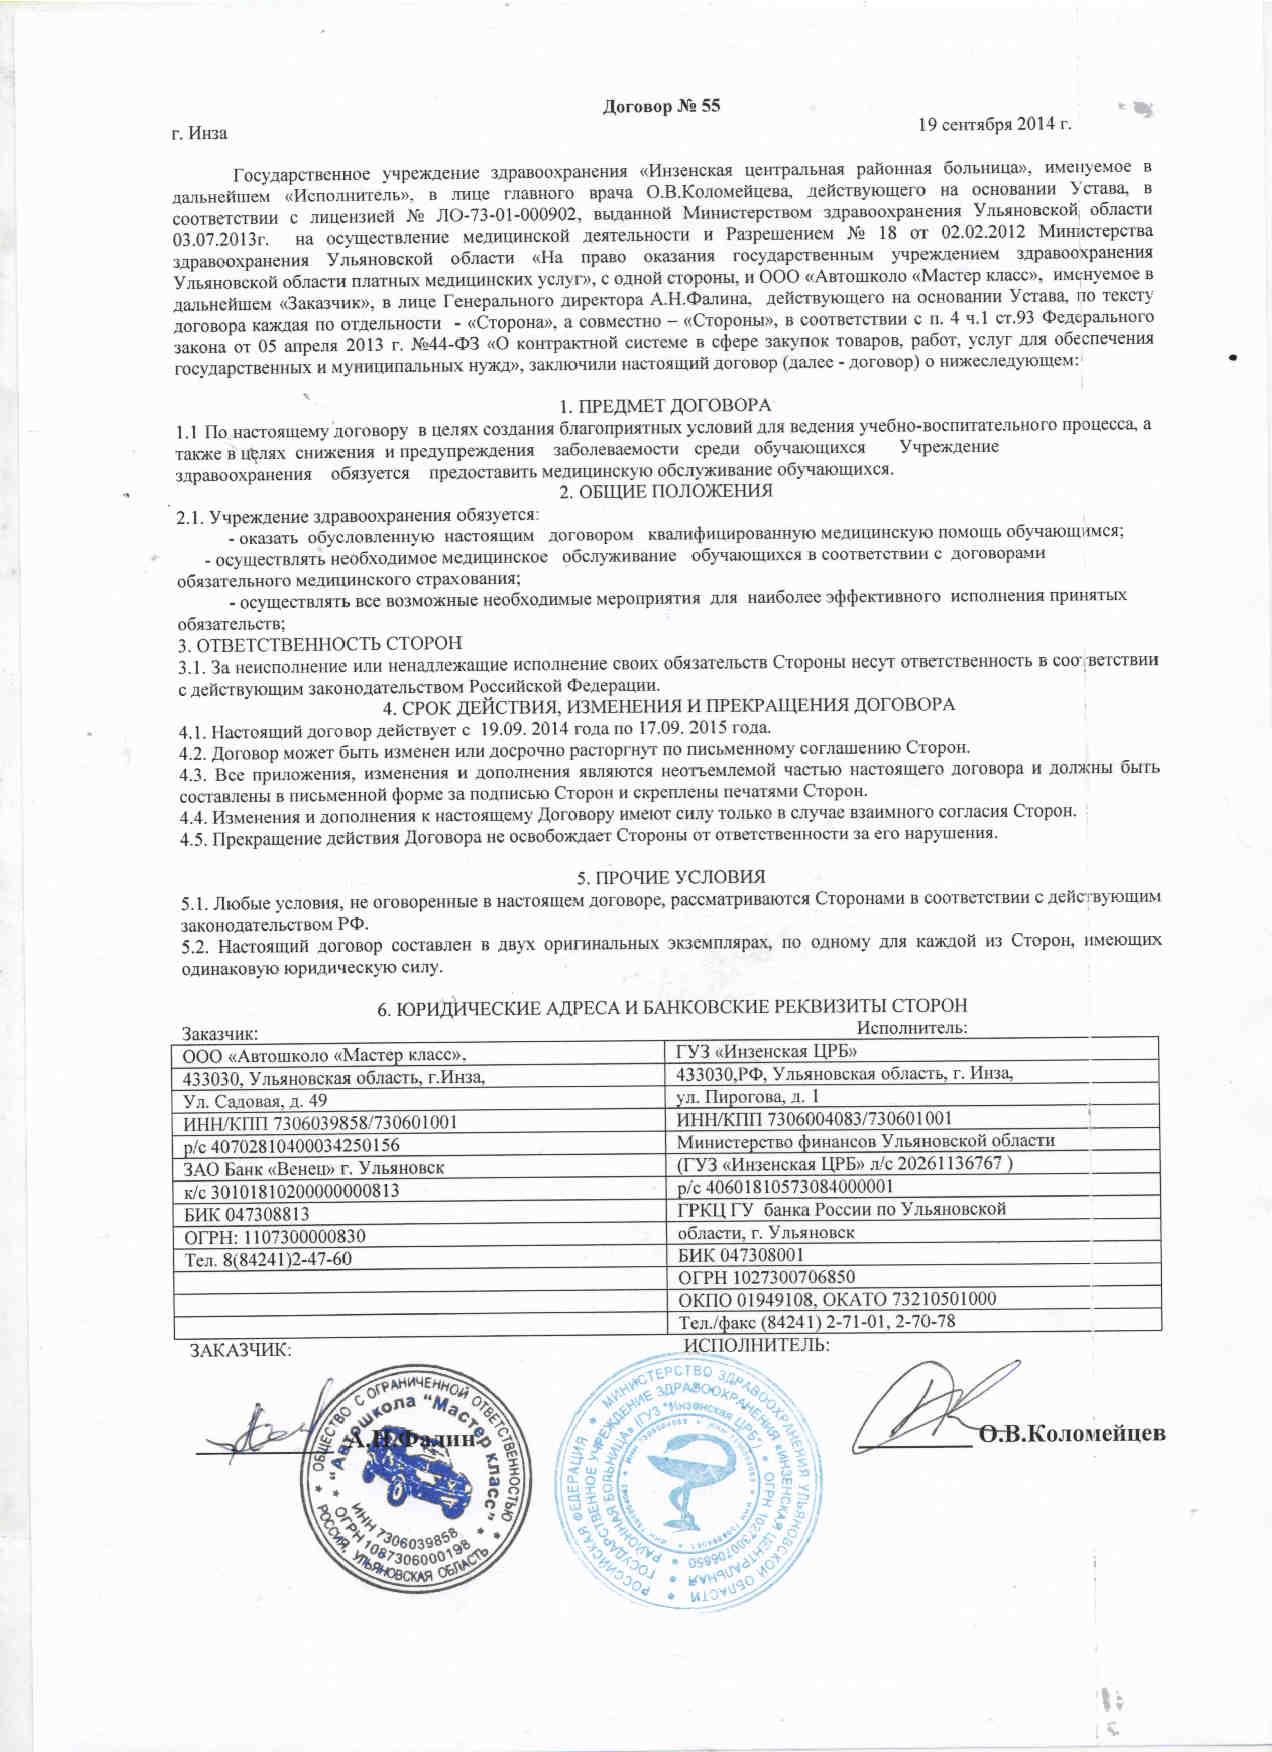 Договор на поставку электроэнергии между управляющей компанией и гарантирующим поставщиком